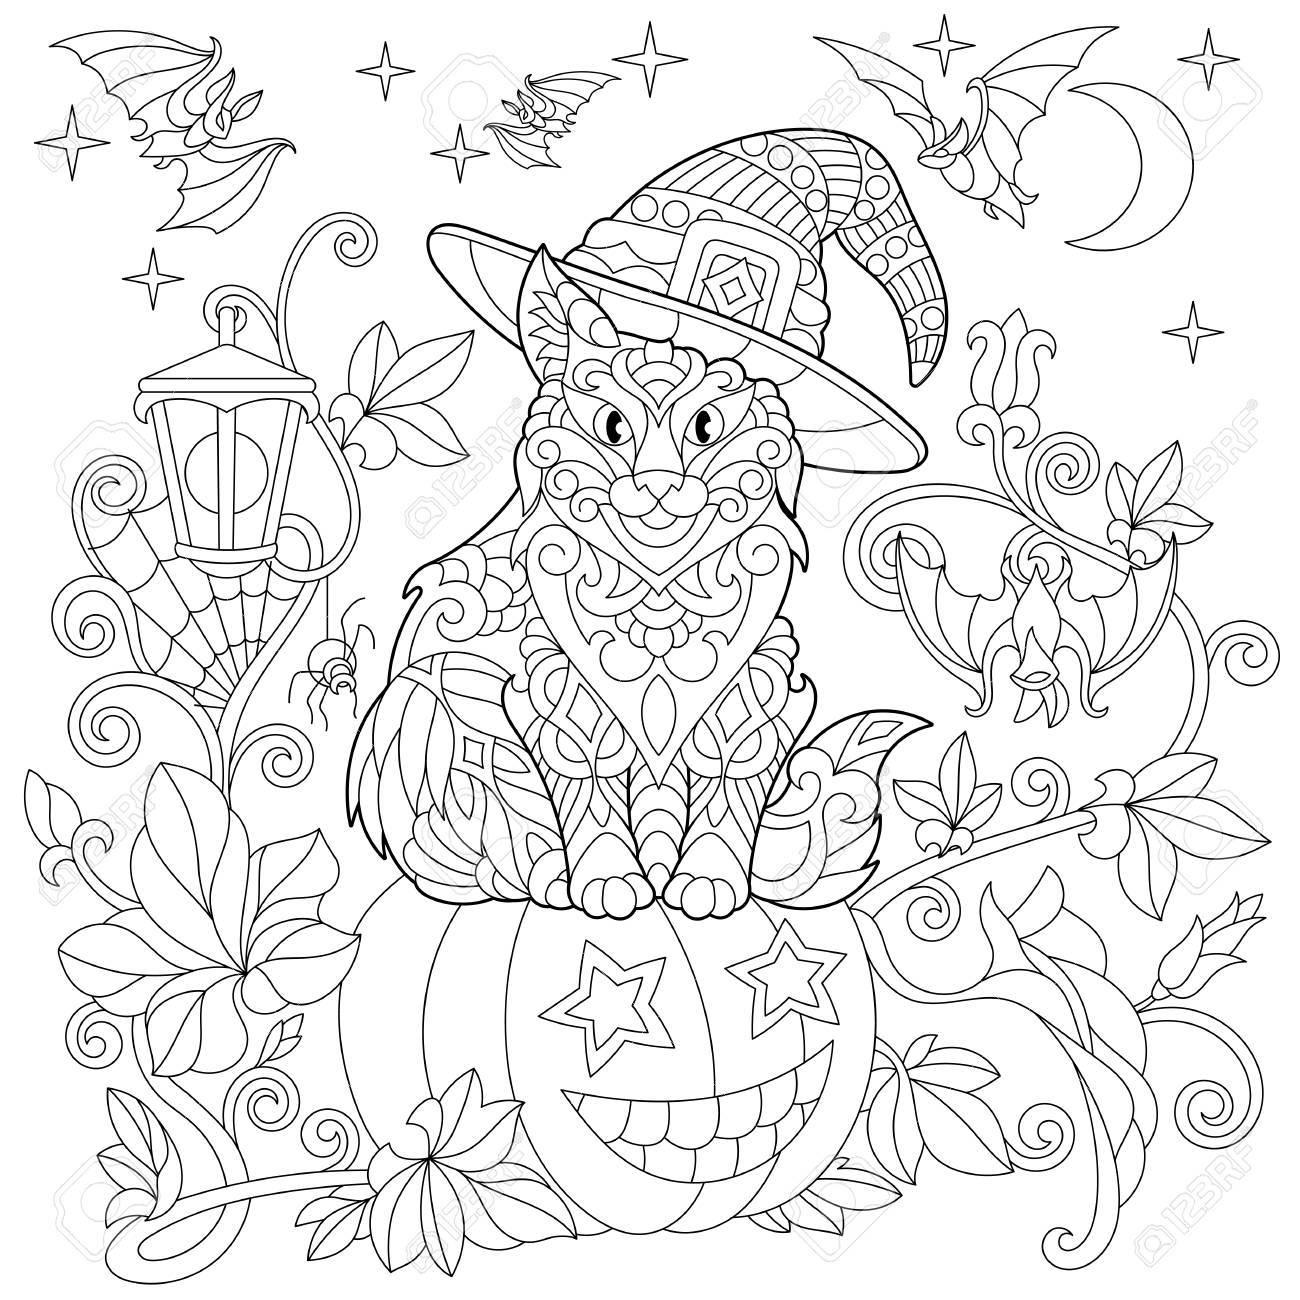 Nett Malvorlagen Halloween Katze Ideen - Entry Level Resume Vorlagen ...